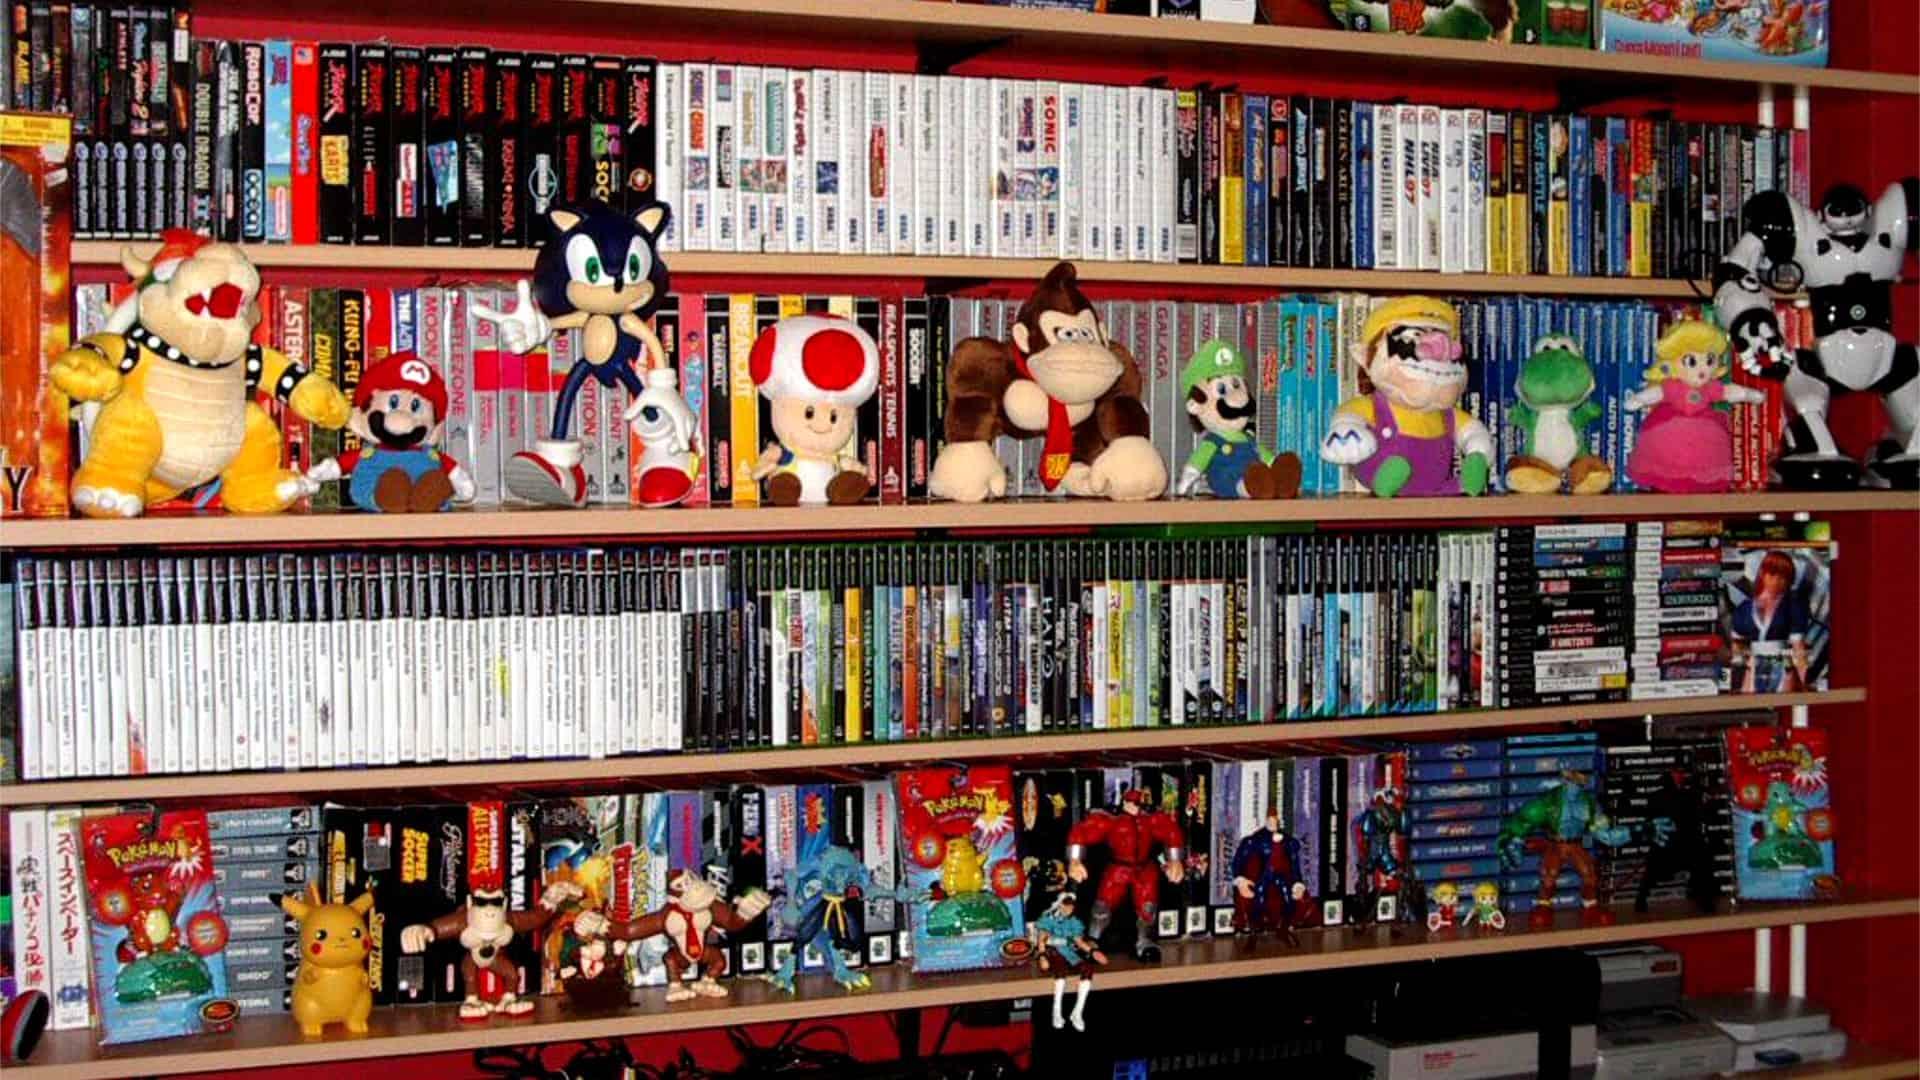 Collezionismo videogiochi collezione 02